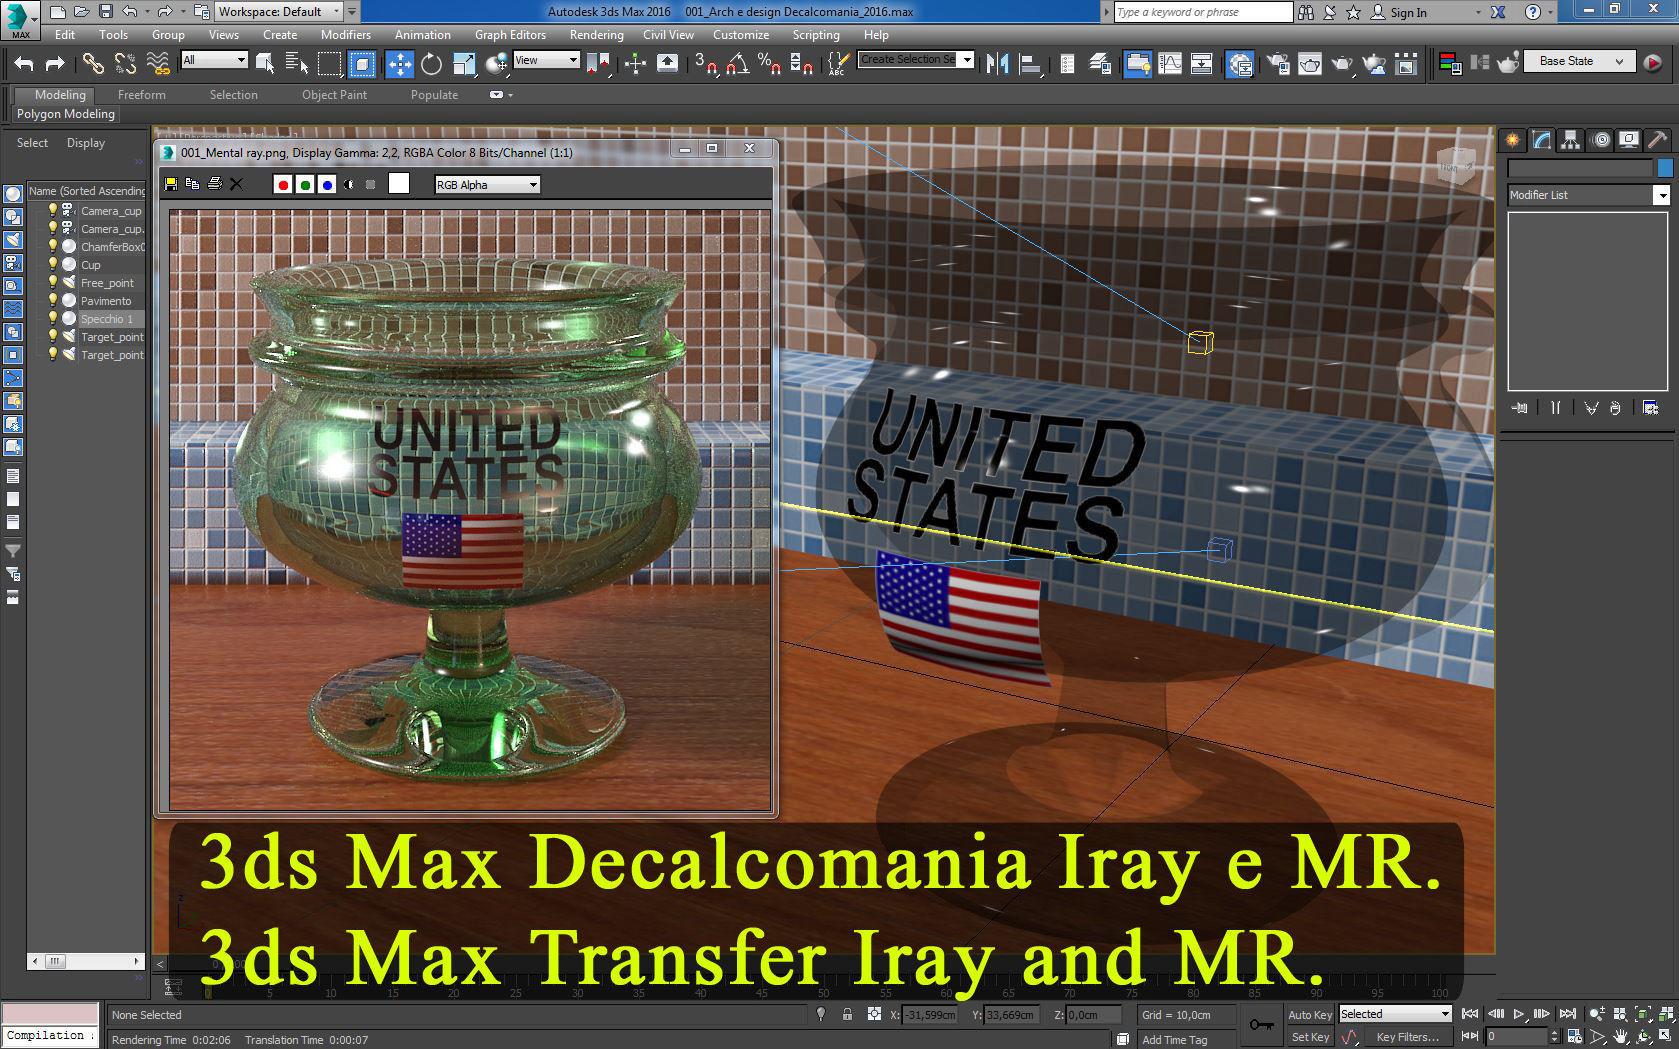 3ds Max Materiale Decalcomania Iray e Mental Ray